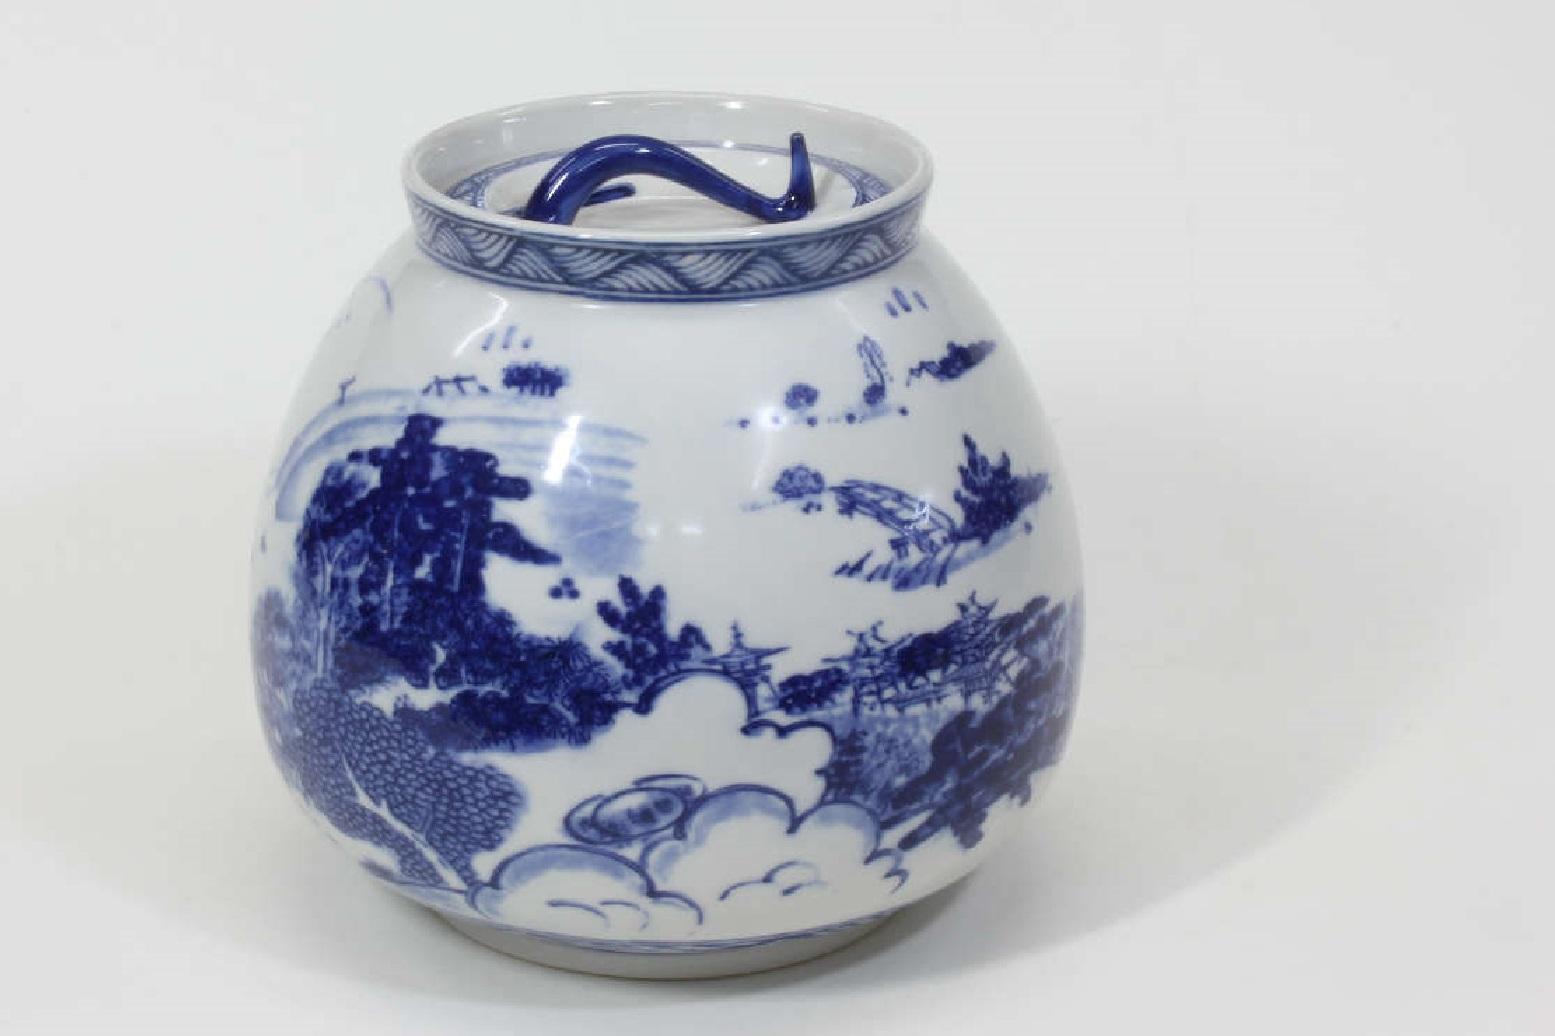 【茶道具/水指】 染付近江八景水指 英治 木箱入り